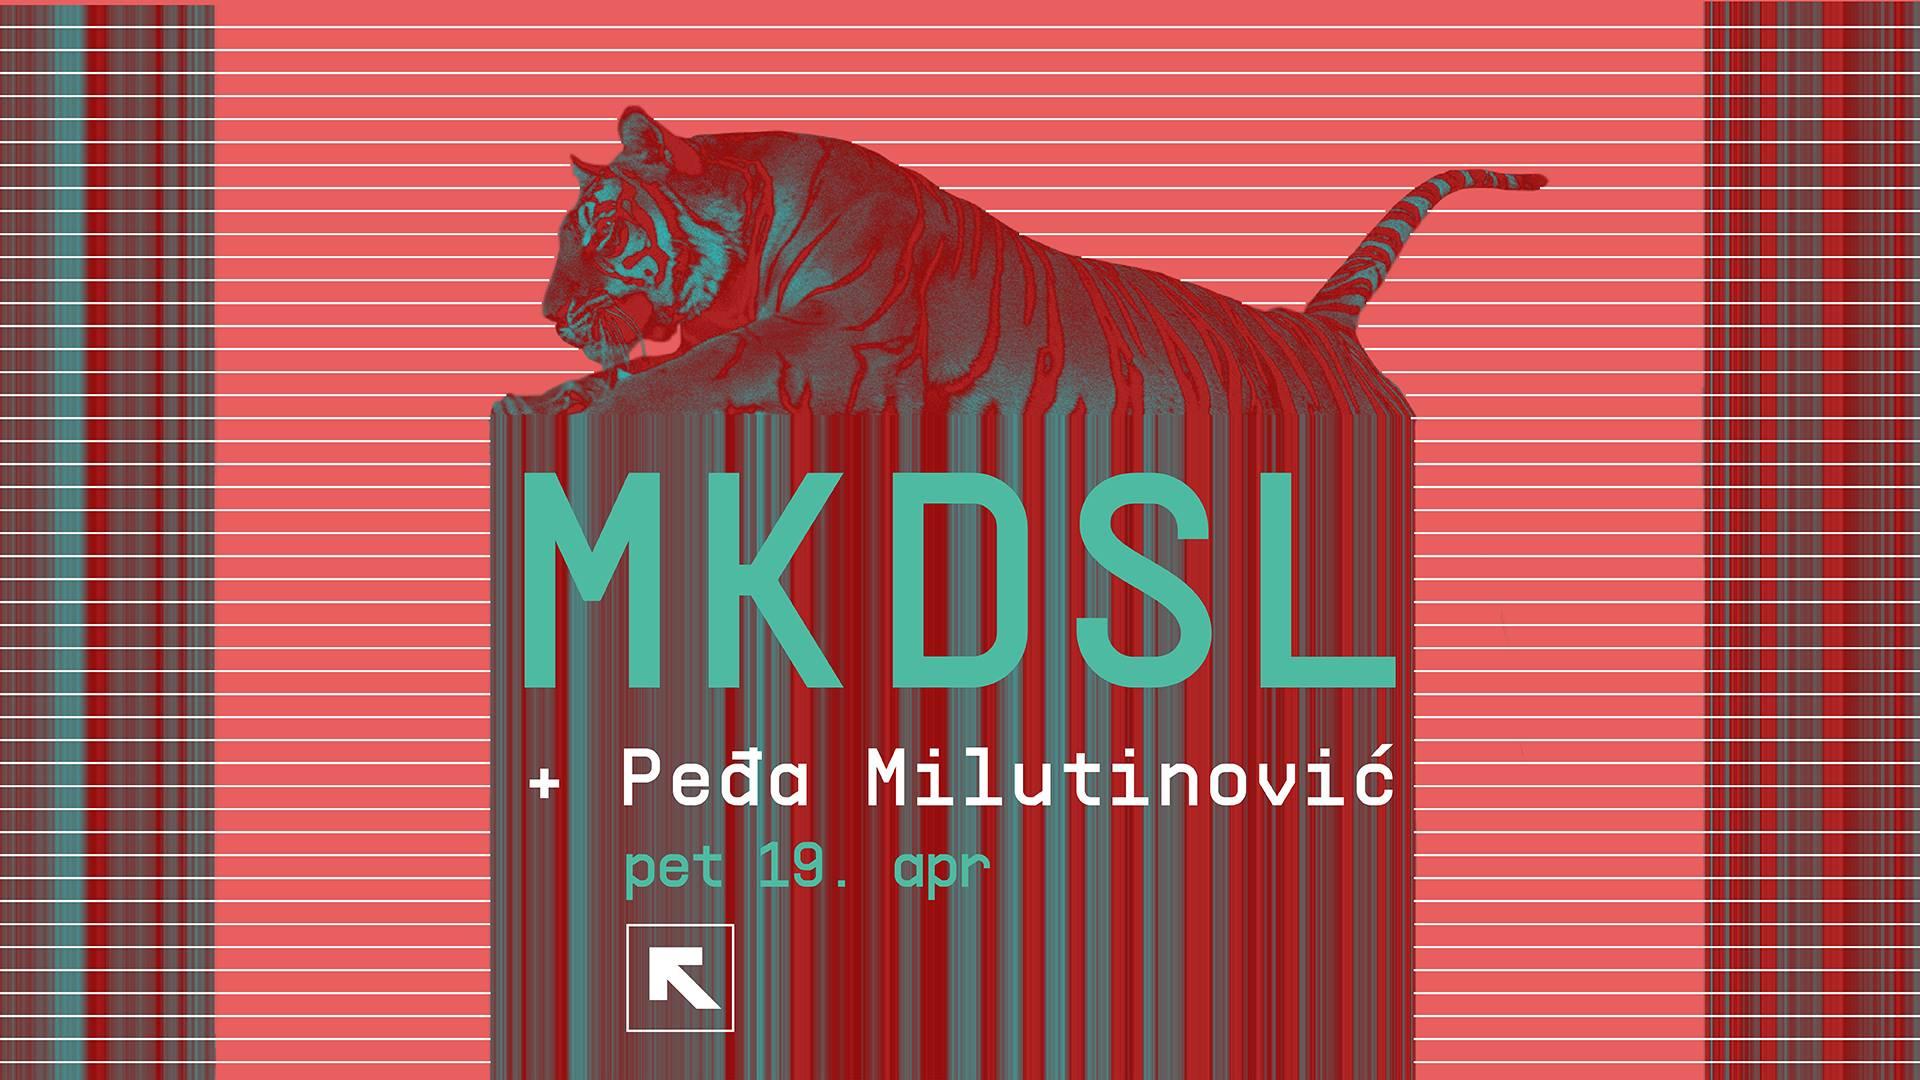 Mkdsl i Peđa Milutinović - Kablovi - 19. Apr - Feedback